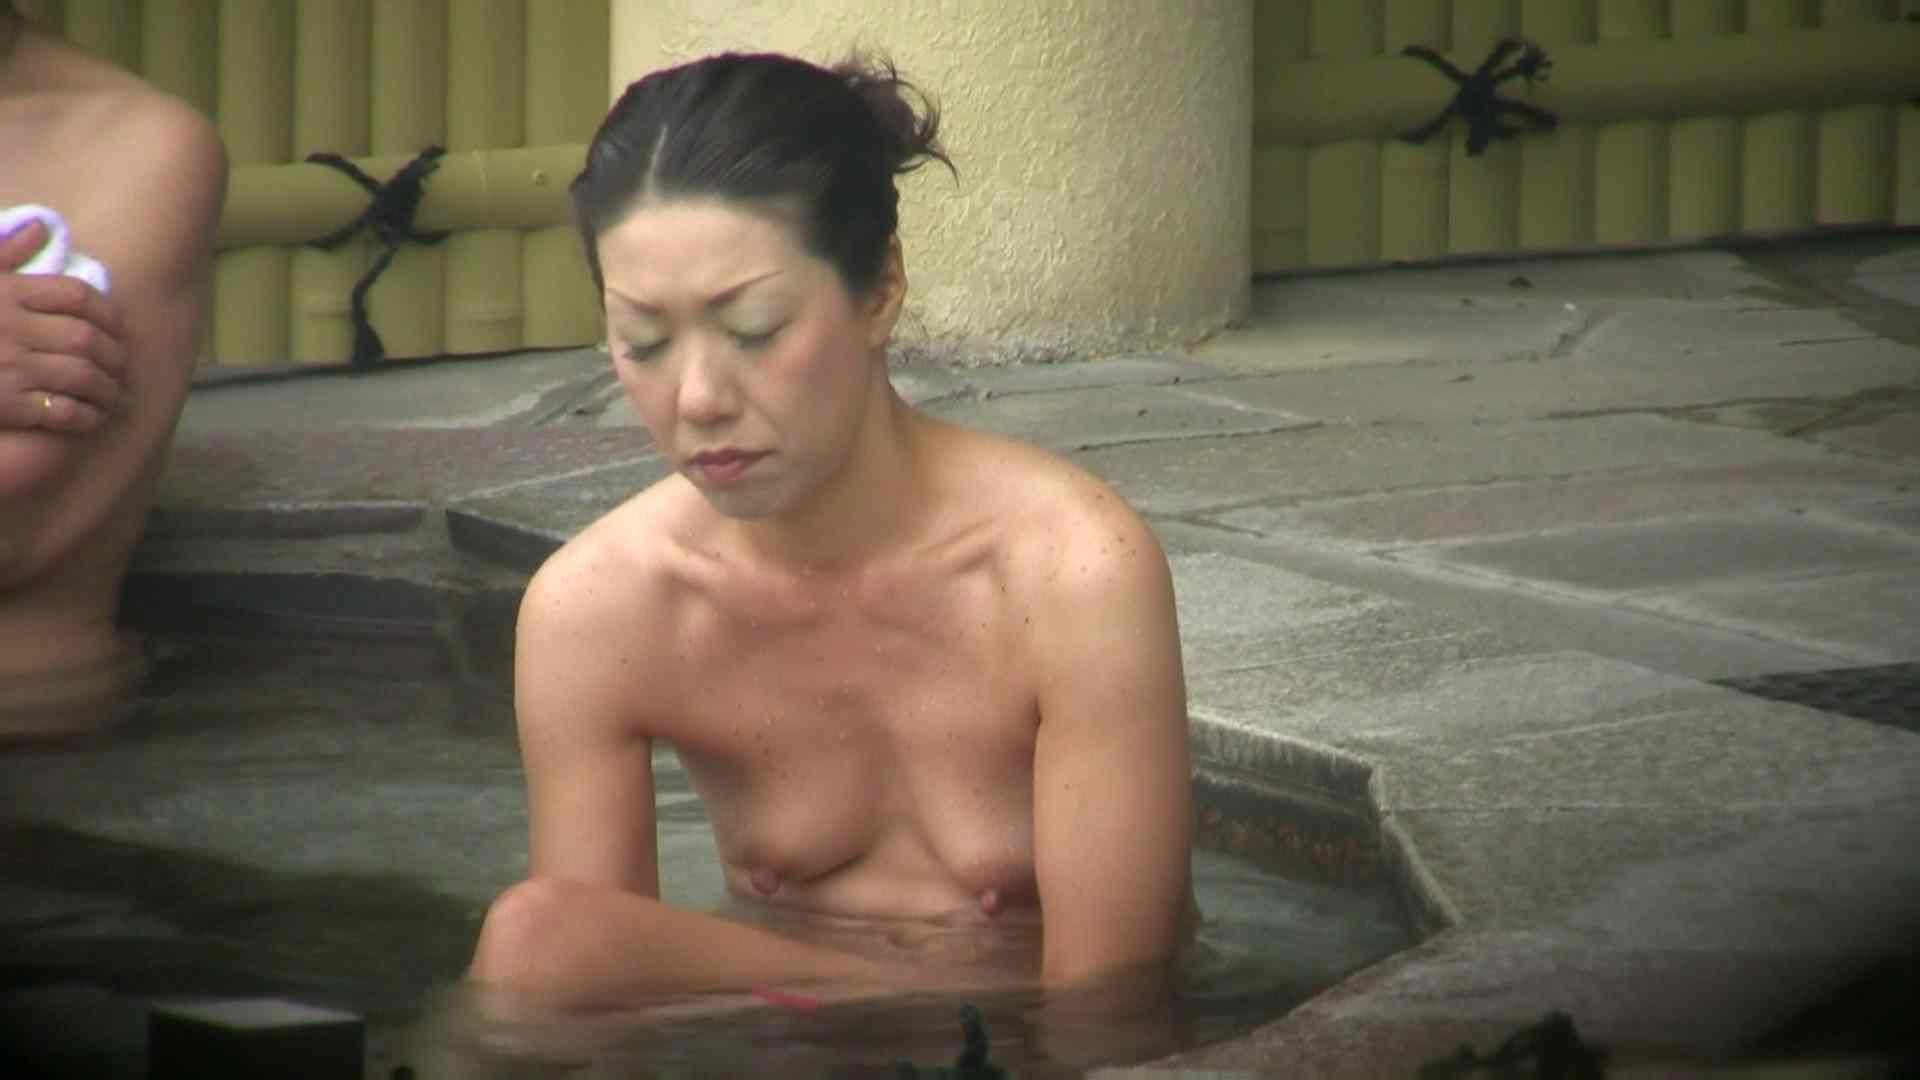 高画質露天女風呂観察 vol.036 高画質 | 女風呂  85pic 27